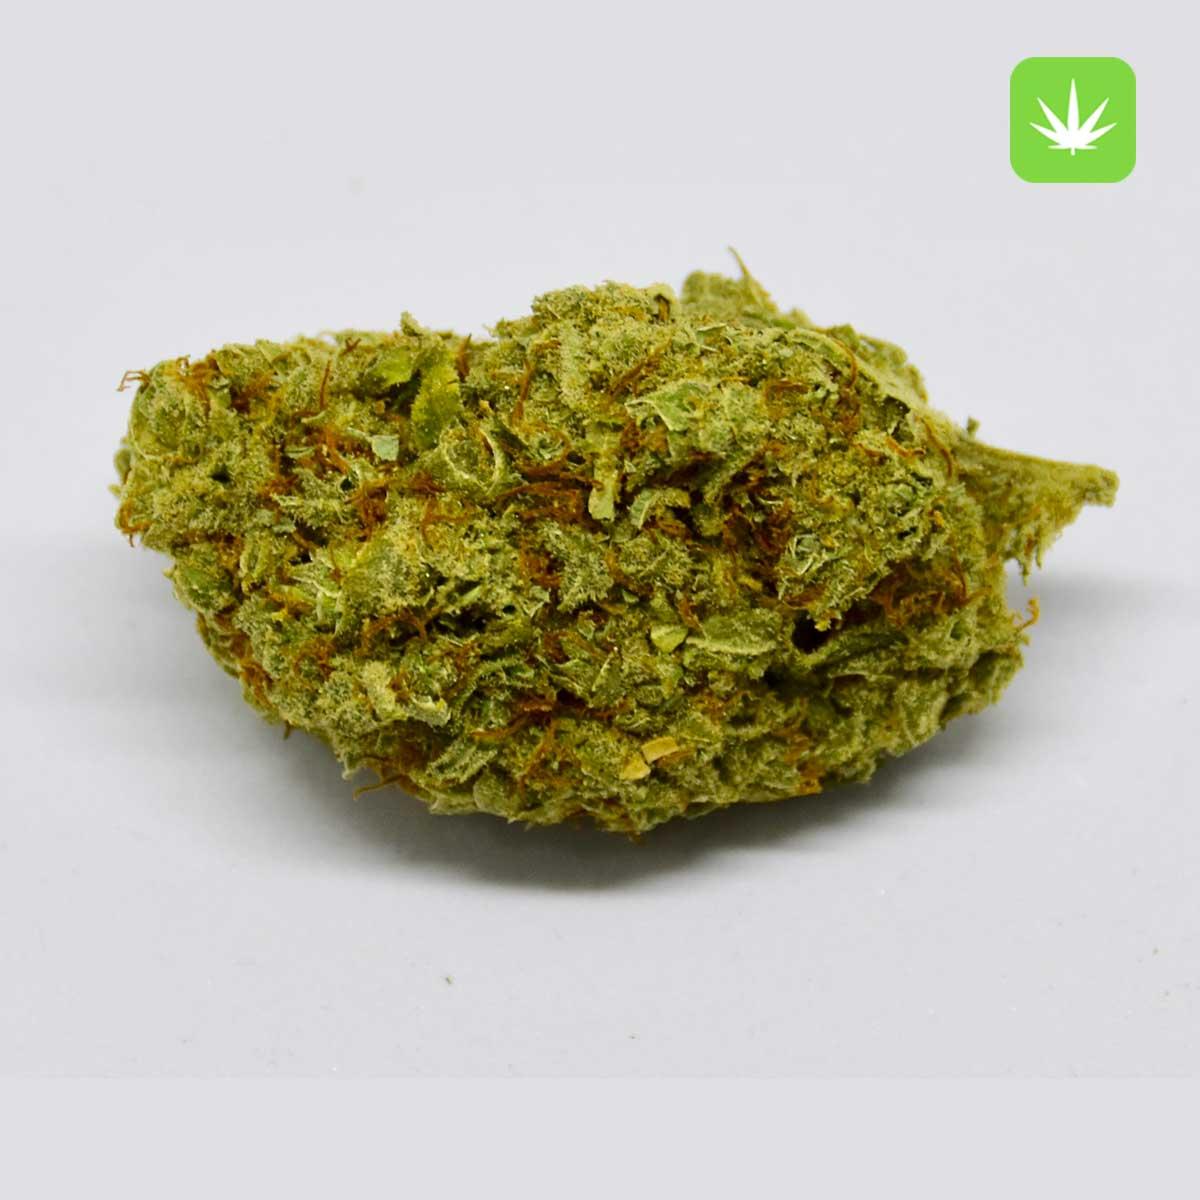 Khalifa Kush 2 Cannabis Avenue 600x600 1 1